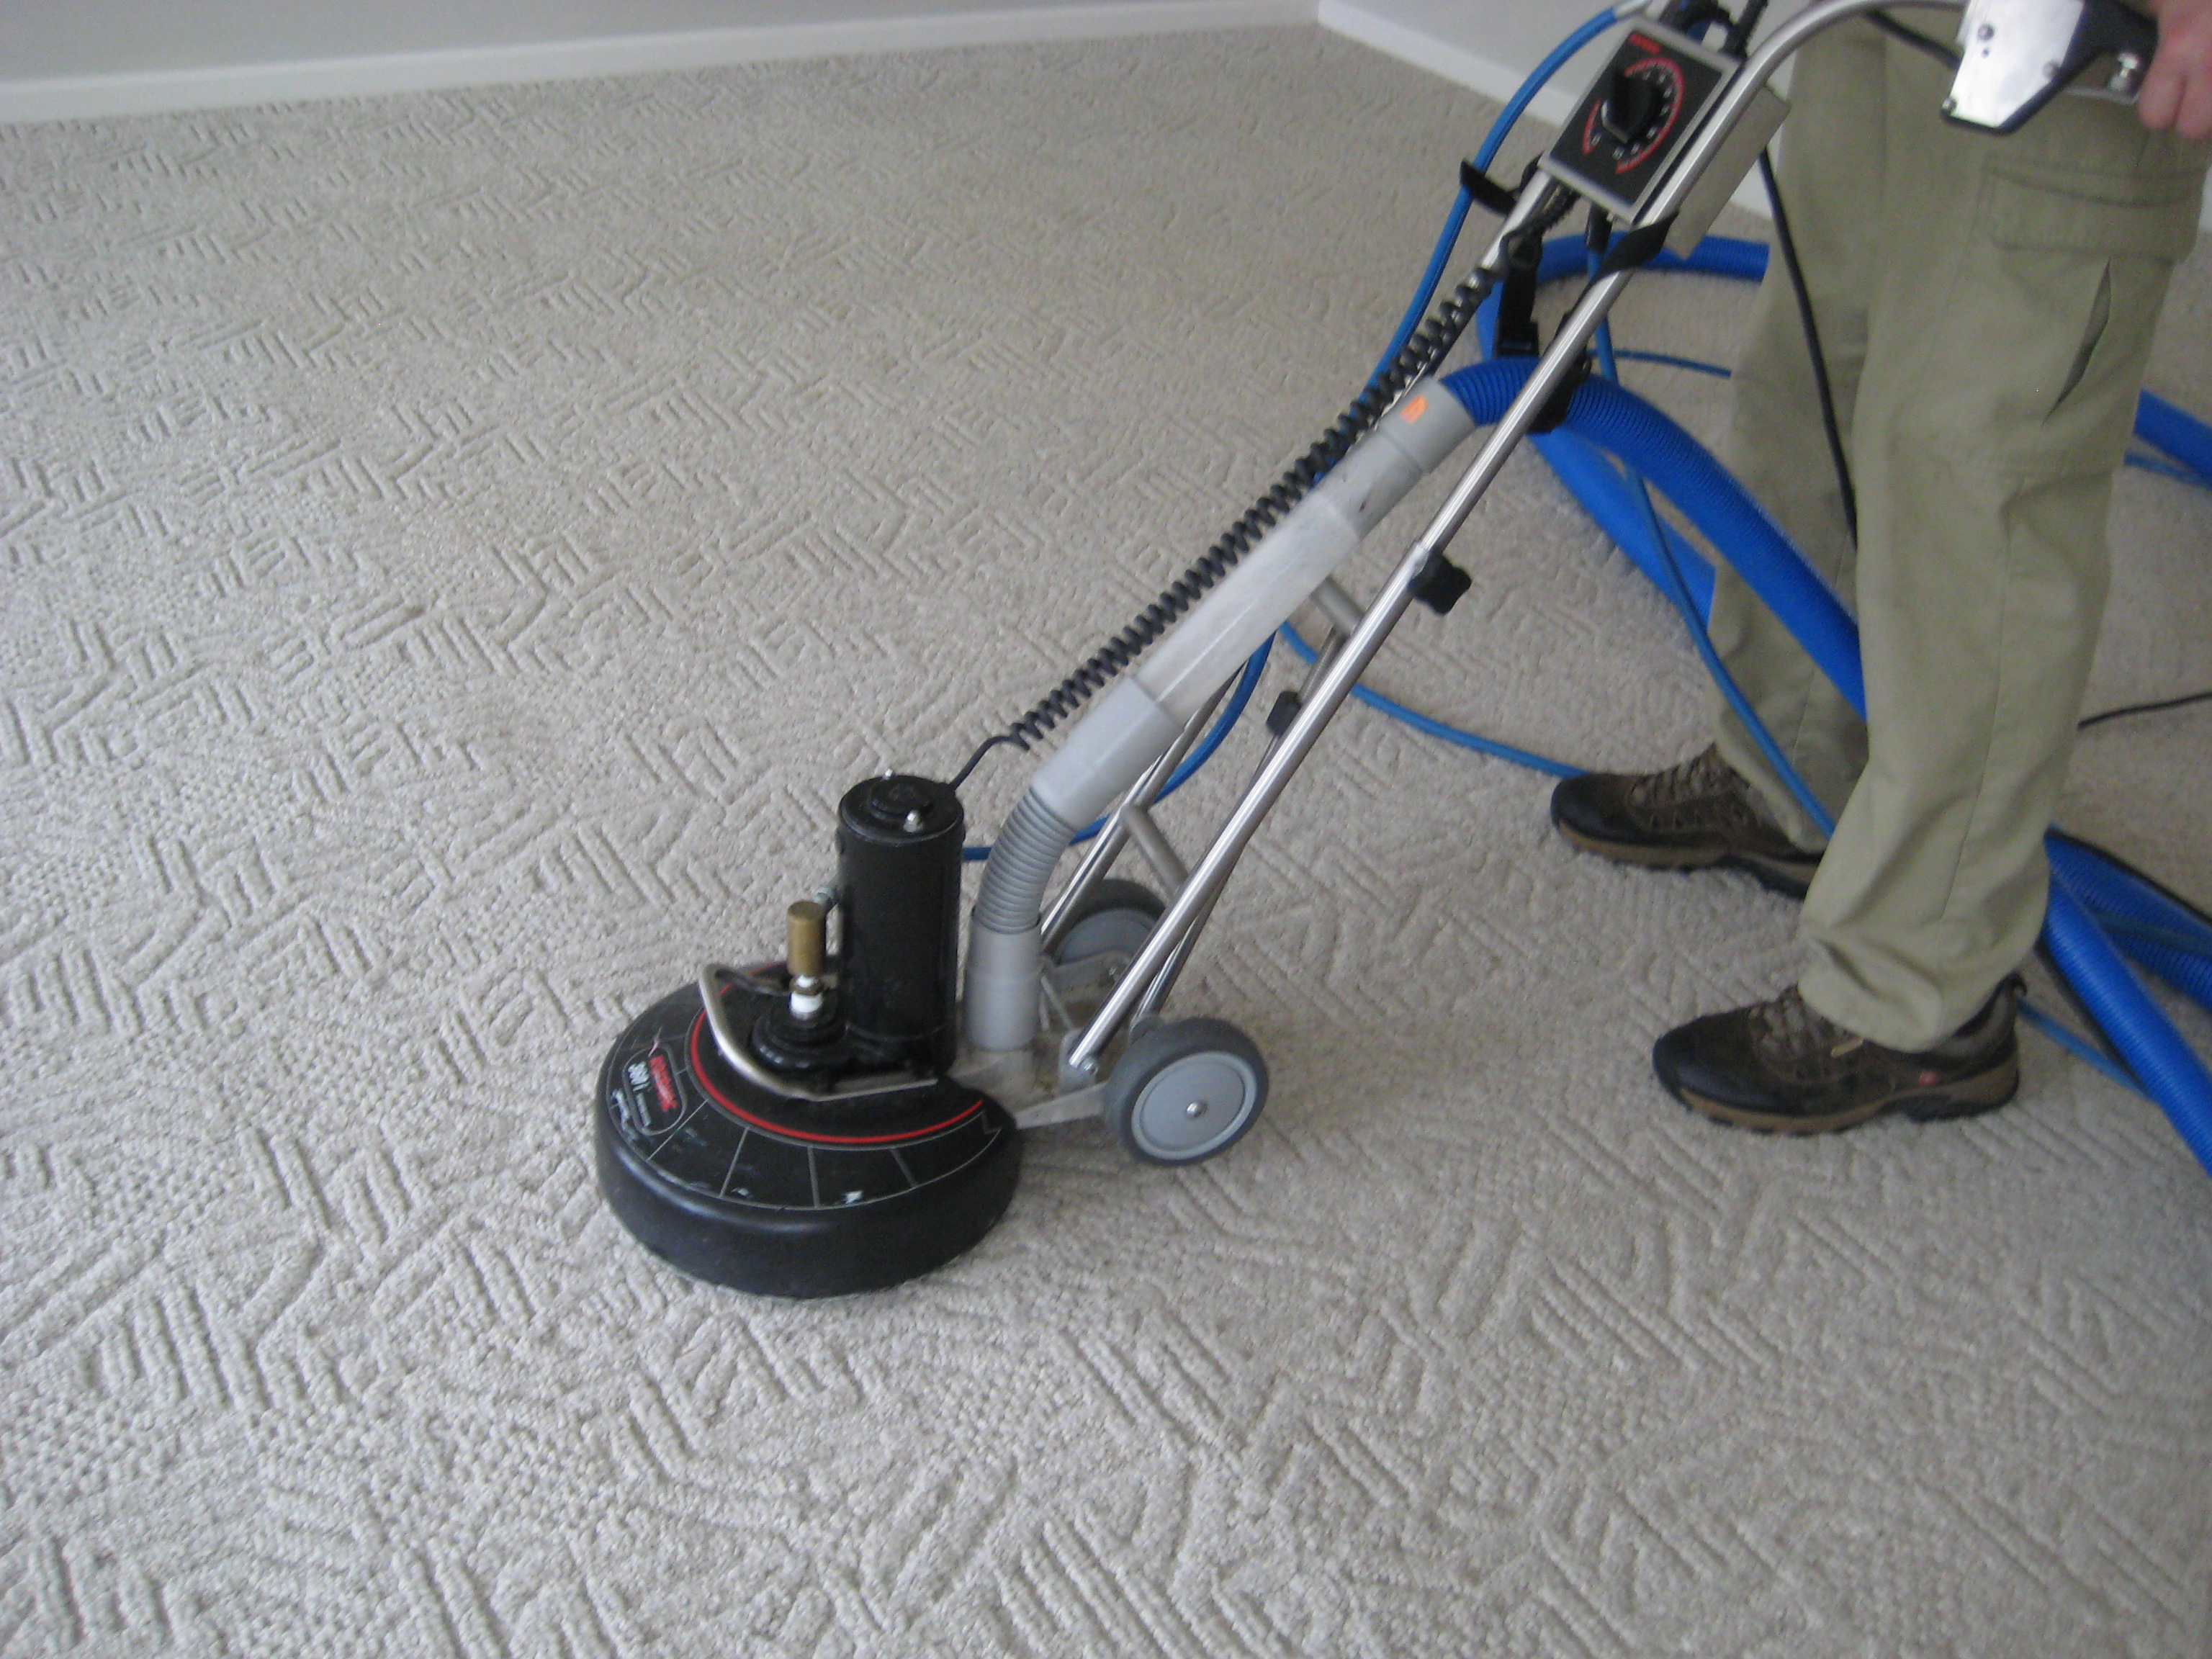 Portfolio Freedom Carpet Cleaning